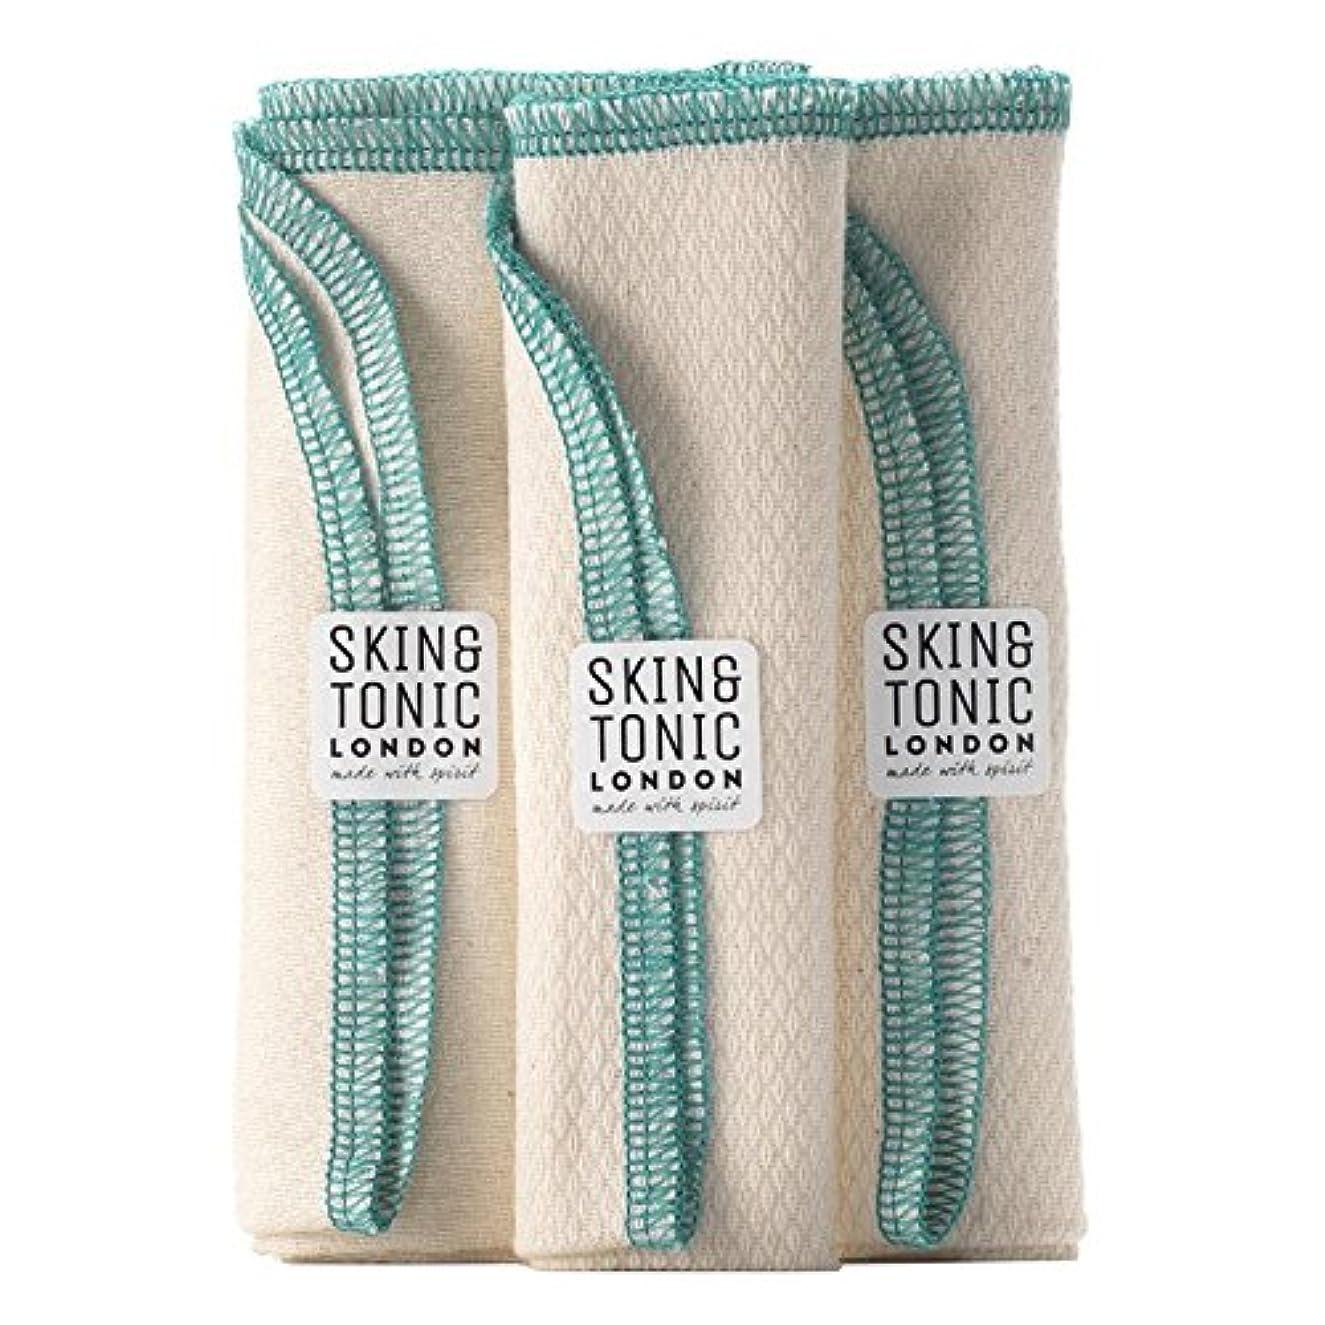 波地平線放射能スキン&トニックロンドンオーガニックコットン生地 x2 - Skin & Tonic London Organic Cotton Cloth (Pack of 2) [並行輸入品]